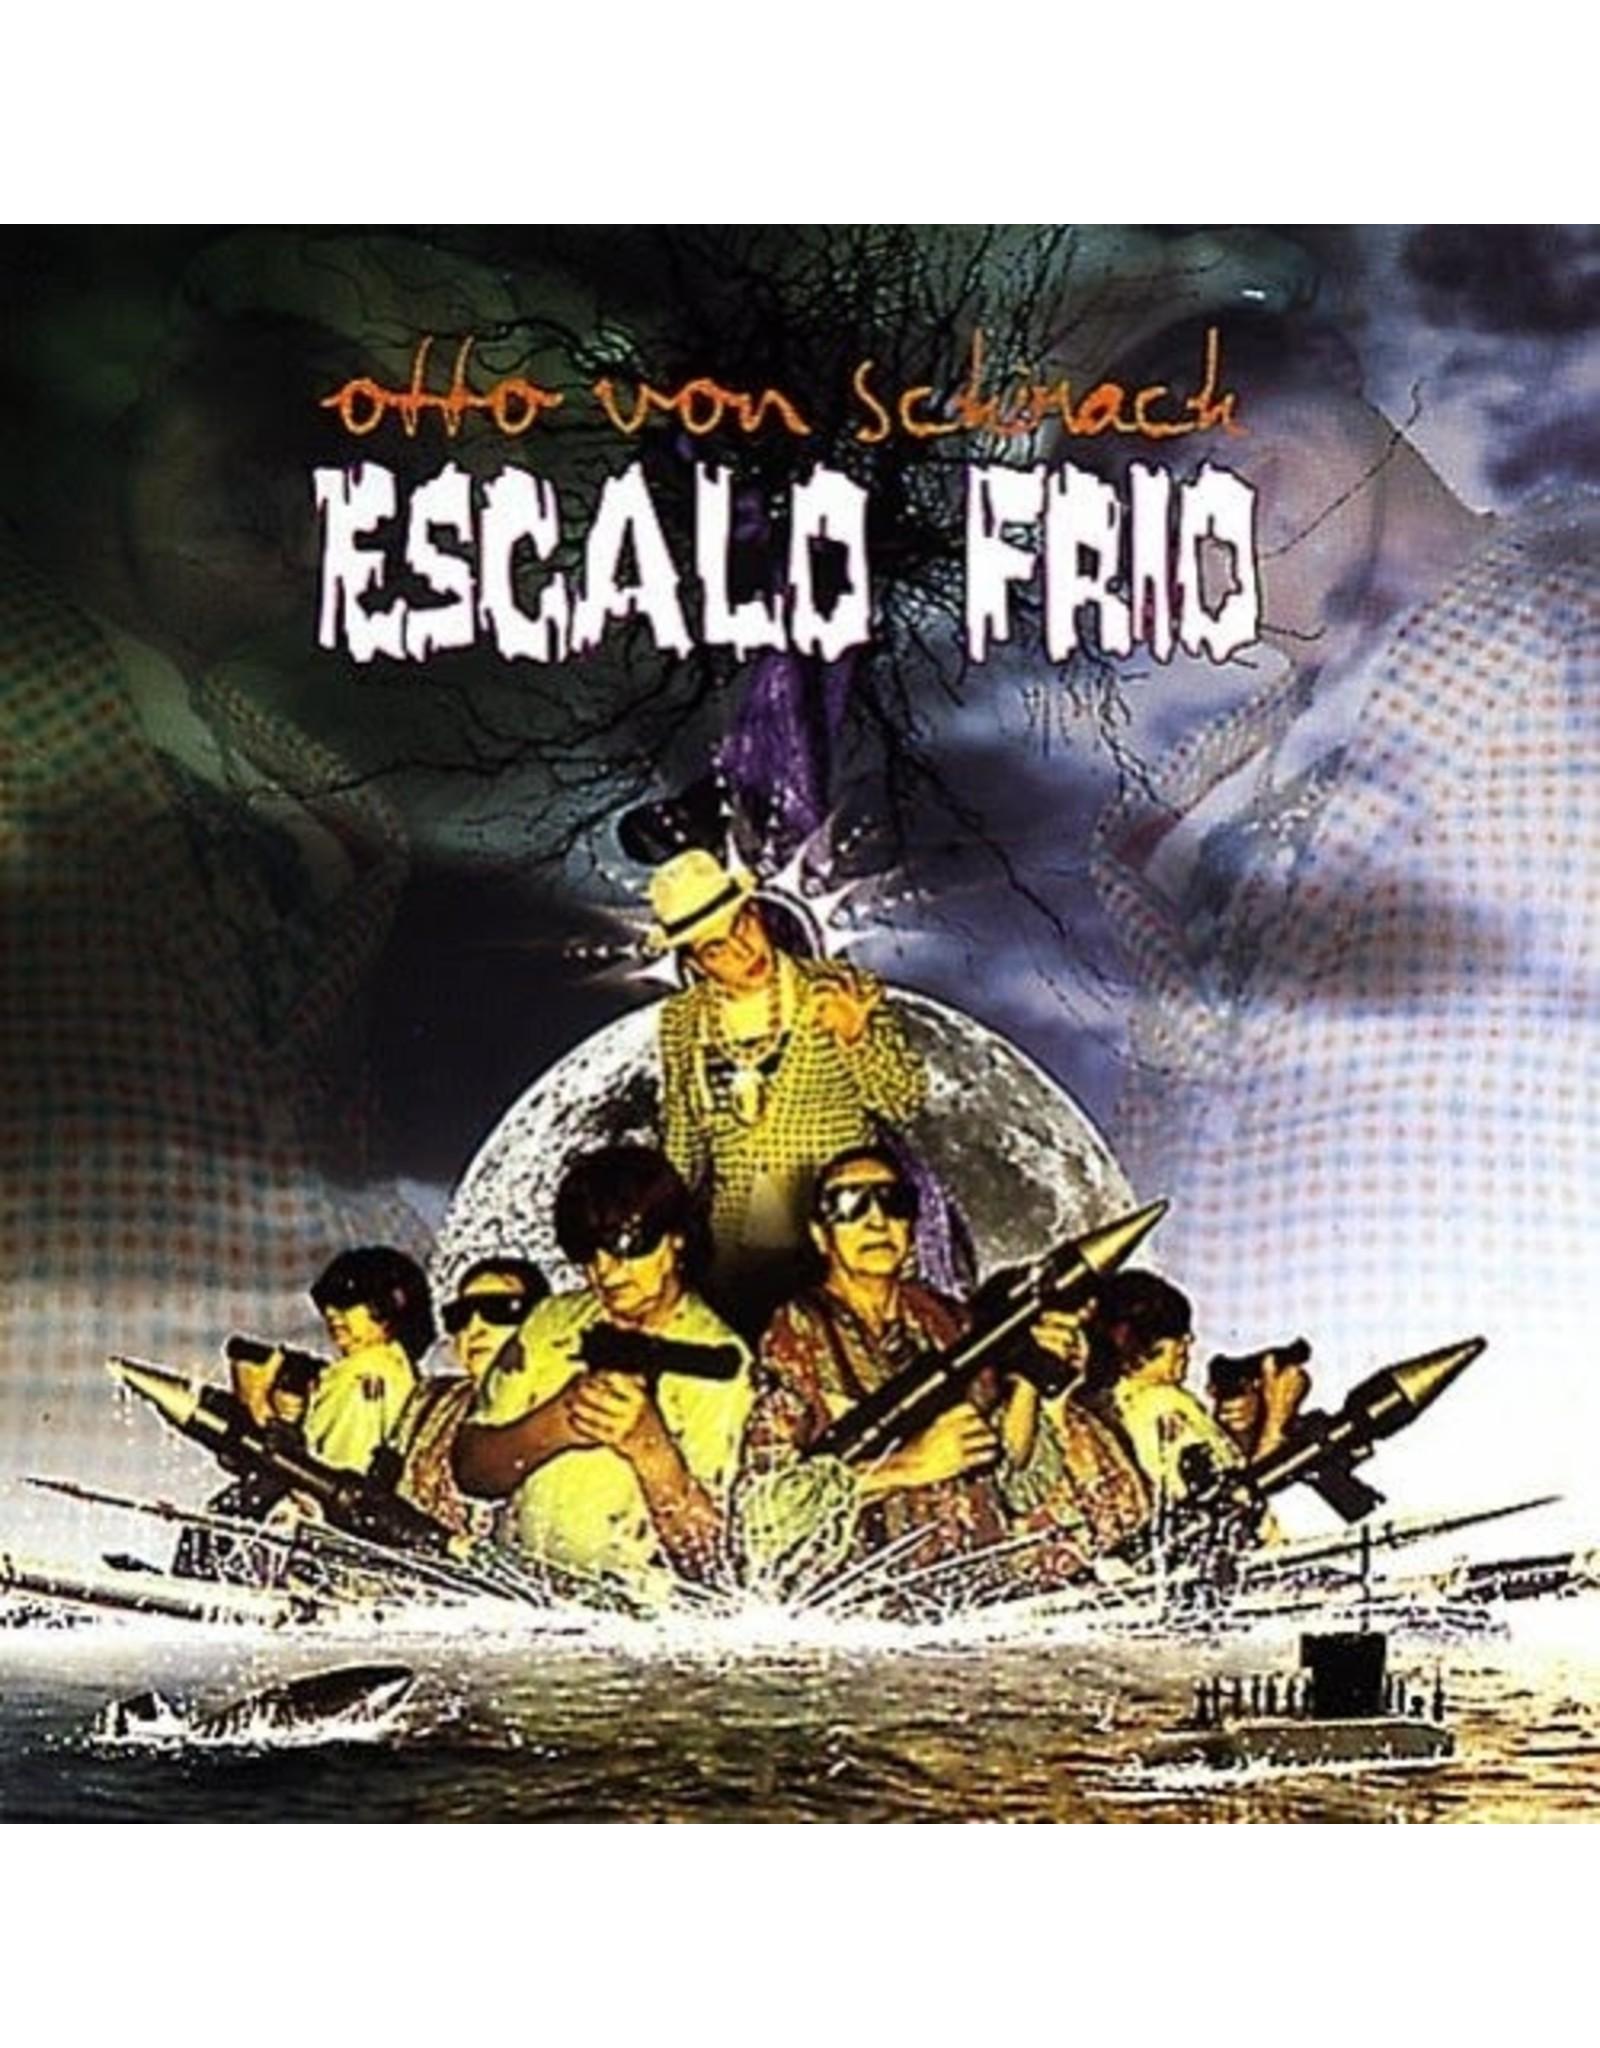 New Vinyl Otto Von Schirach - Escalo Frio 2LP